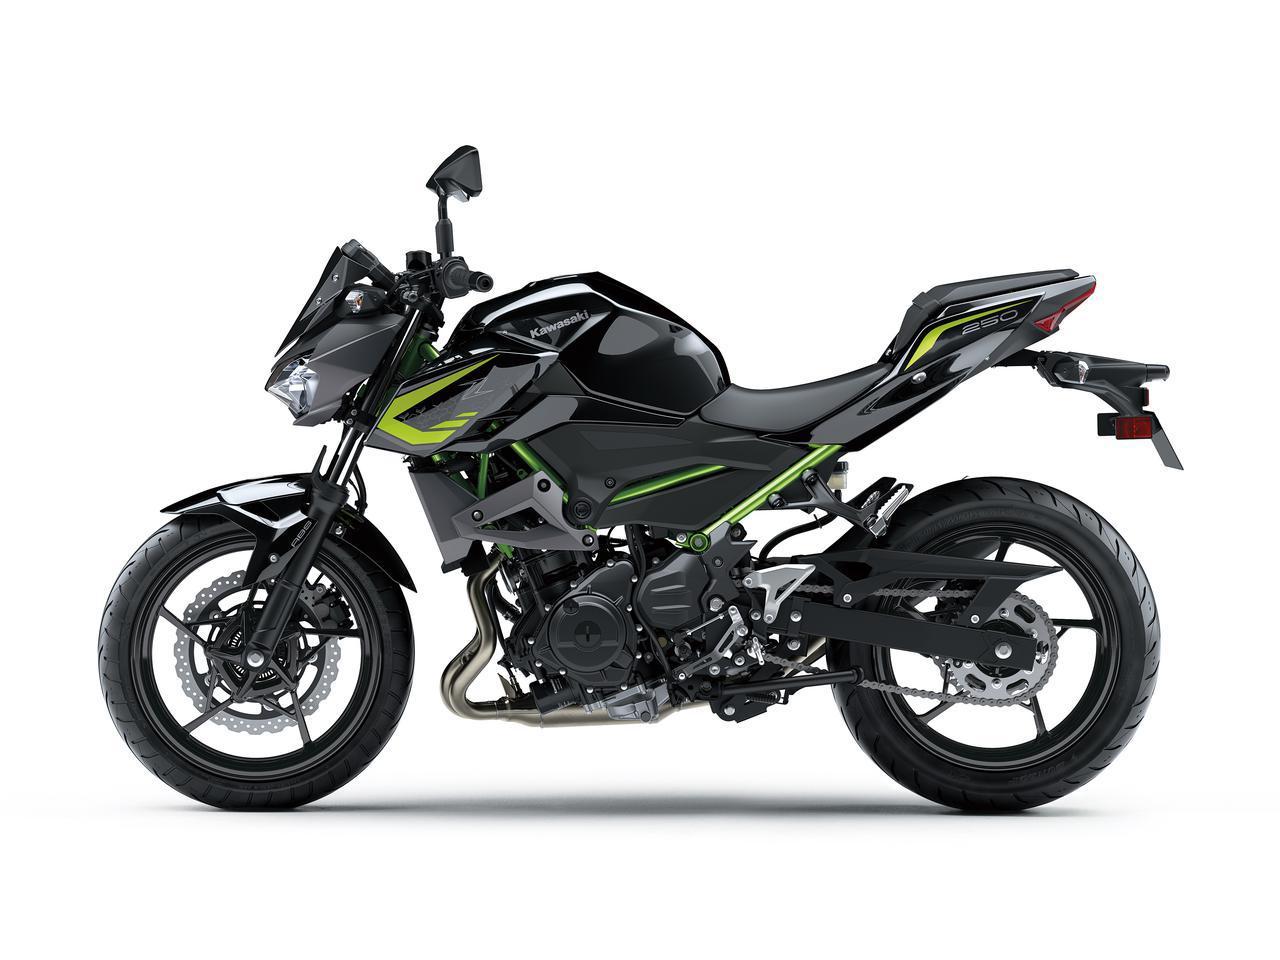 画像9: カワサキが「Z250」の2021年モデルを発売! 2020年モデルと比較してみよう【2021速報】